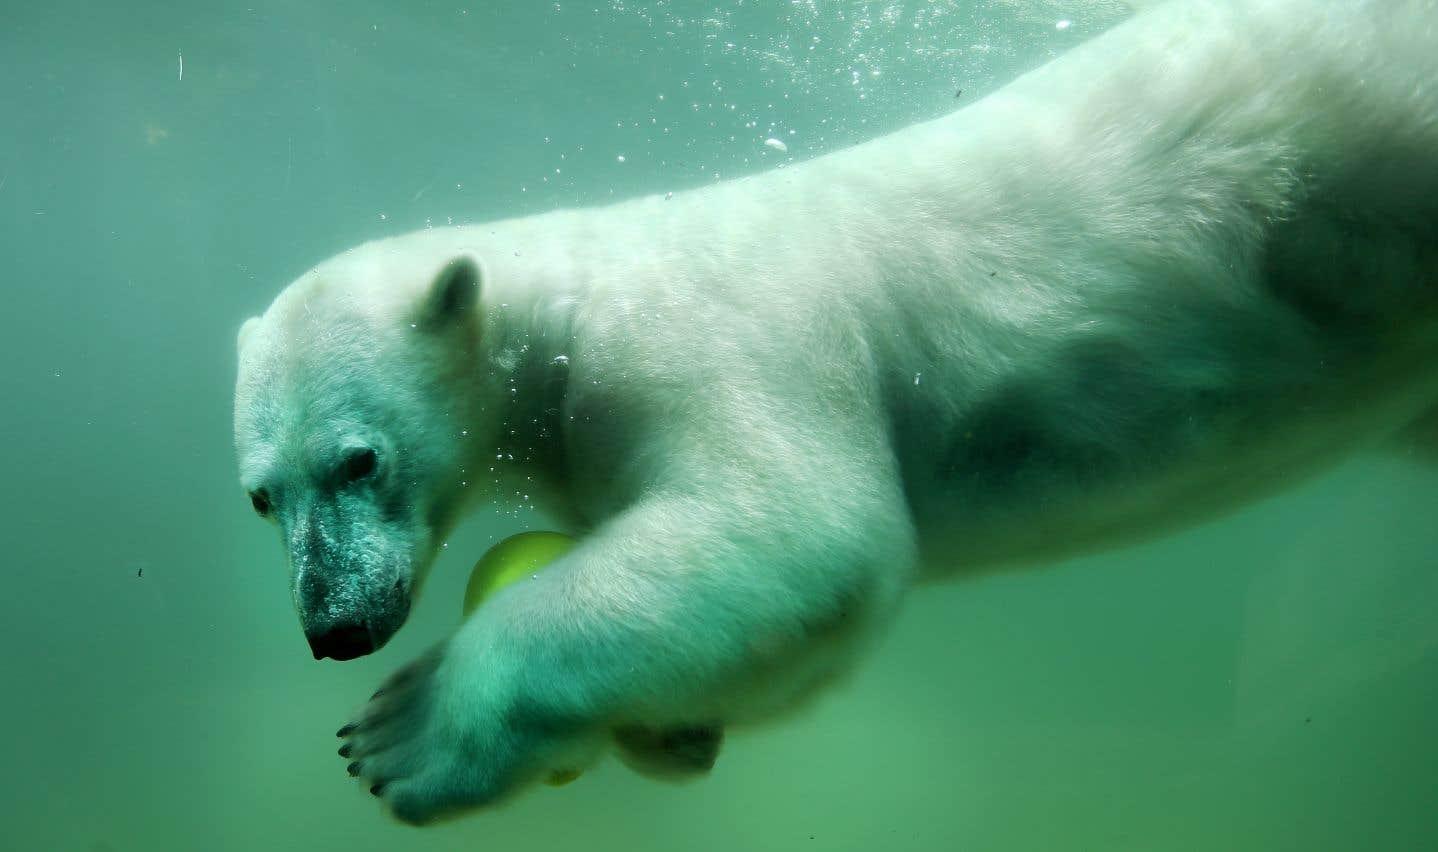 La fonte des glaces contraint les ours à parcourir de plus grandes distances pour trouver les jeunes phoques, qui sont leur nourriture de prédilection.